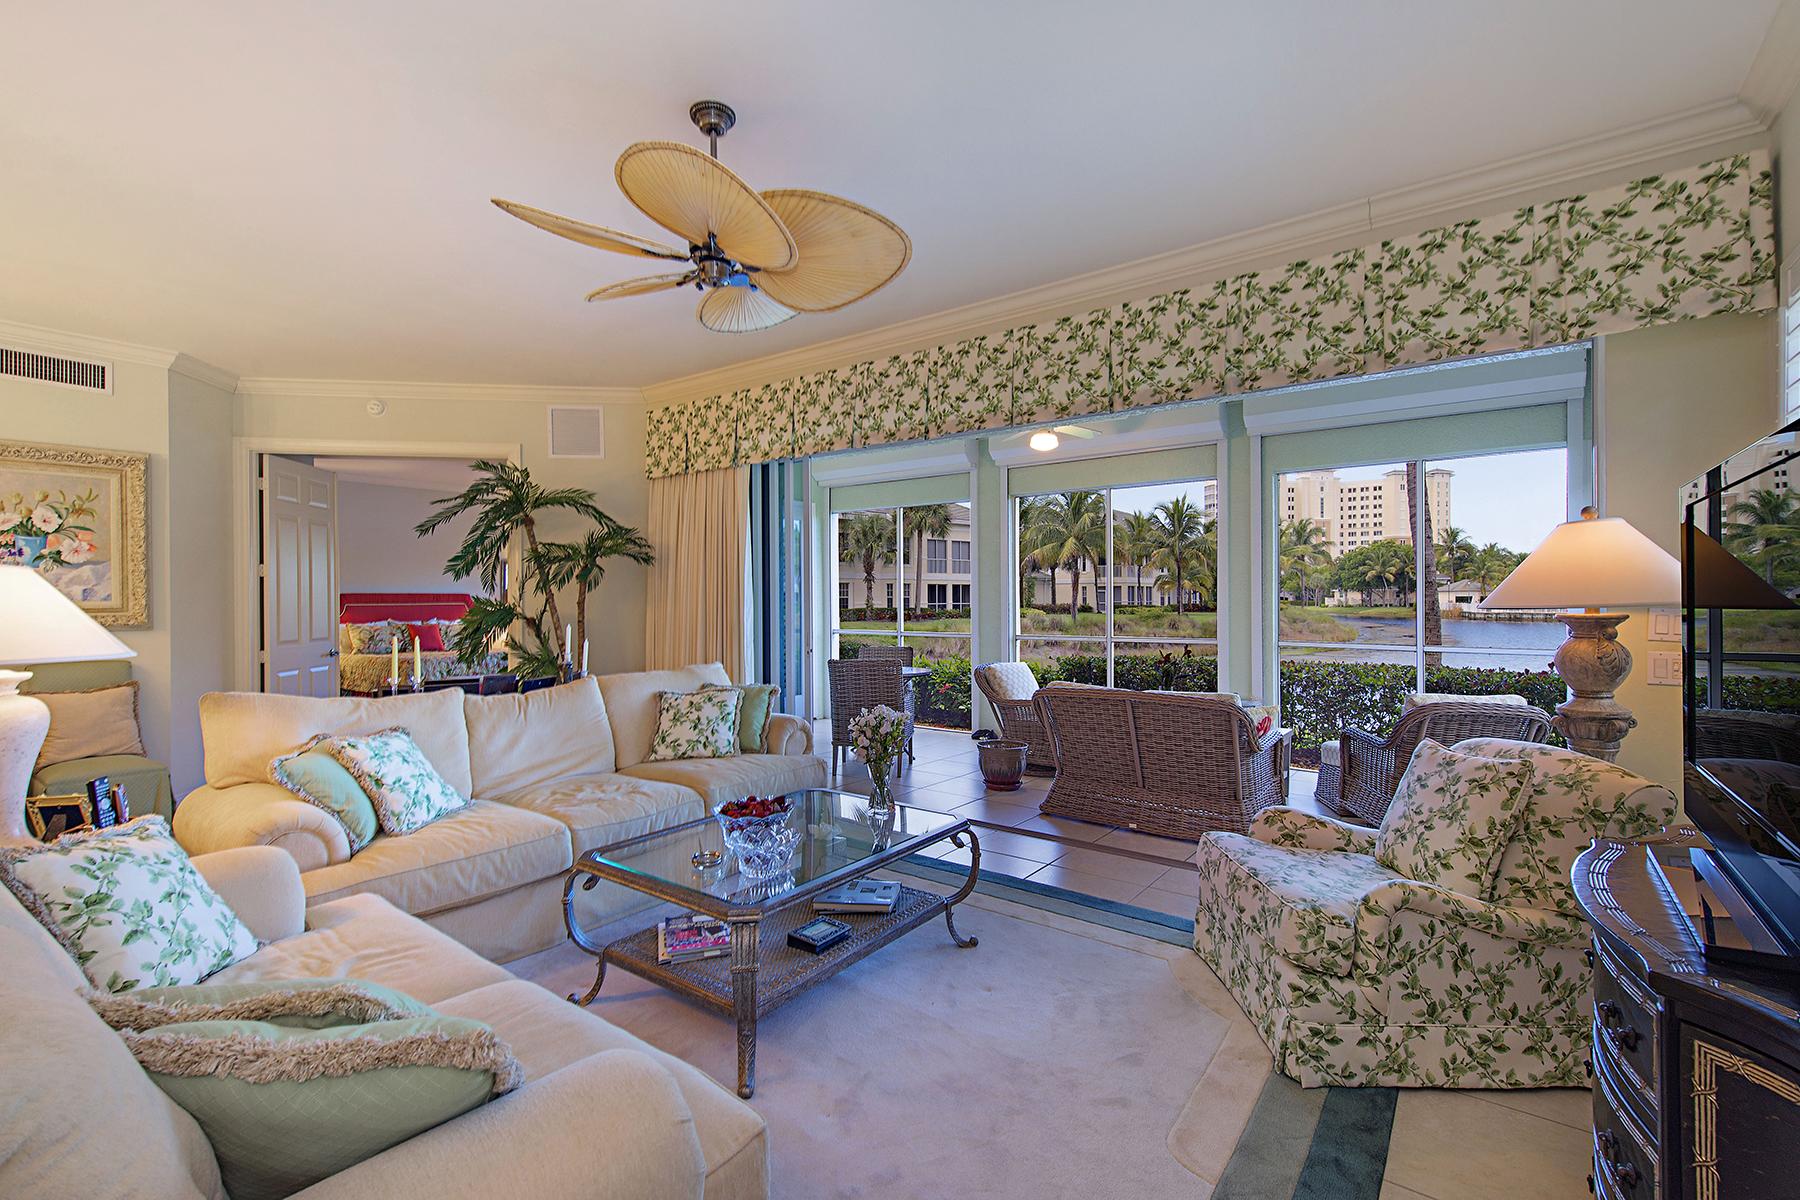 Кооперативная квартира для того Продажа на THE DUNES 365 Sea Grove Ln 102 Naples, Флорида 34110 Соединенные Штаты